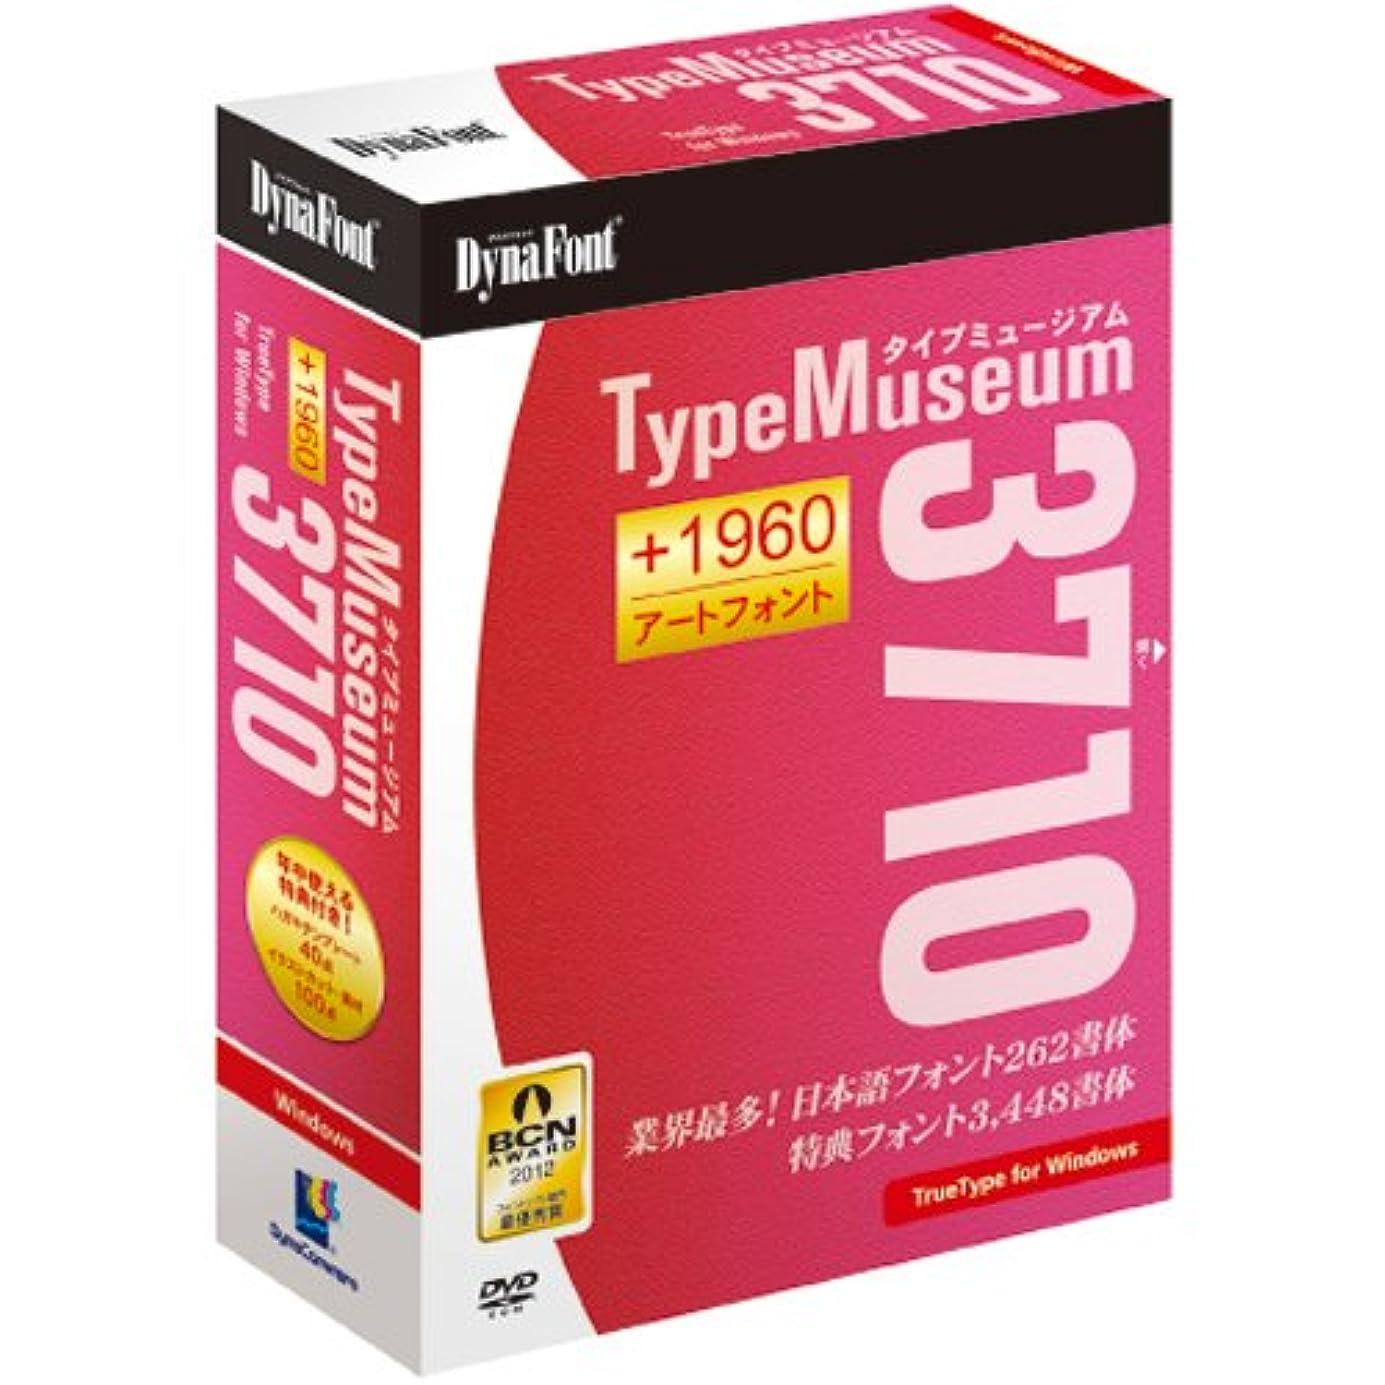 カジュアル強盗排気DynaFont TypeMuseum 3710+1960 TrueType for Windows